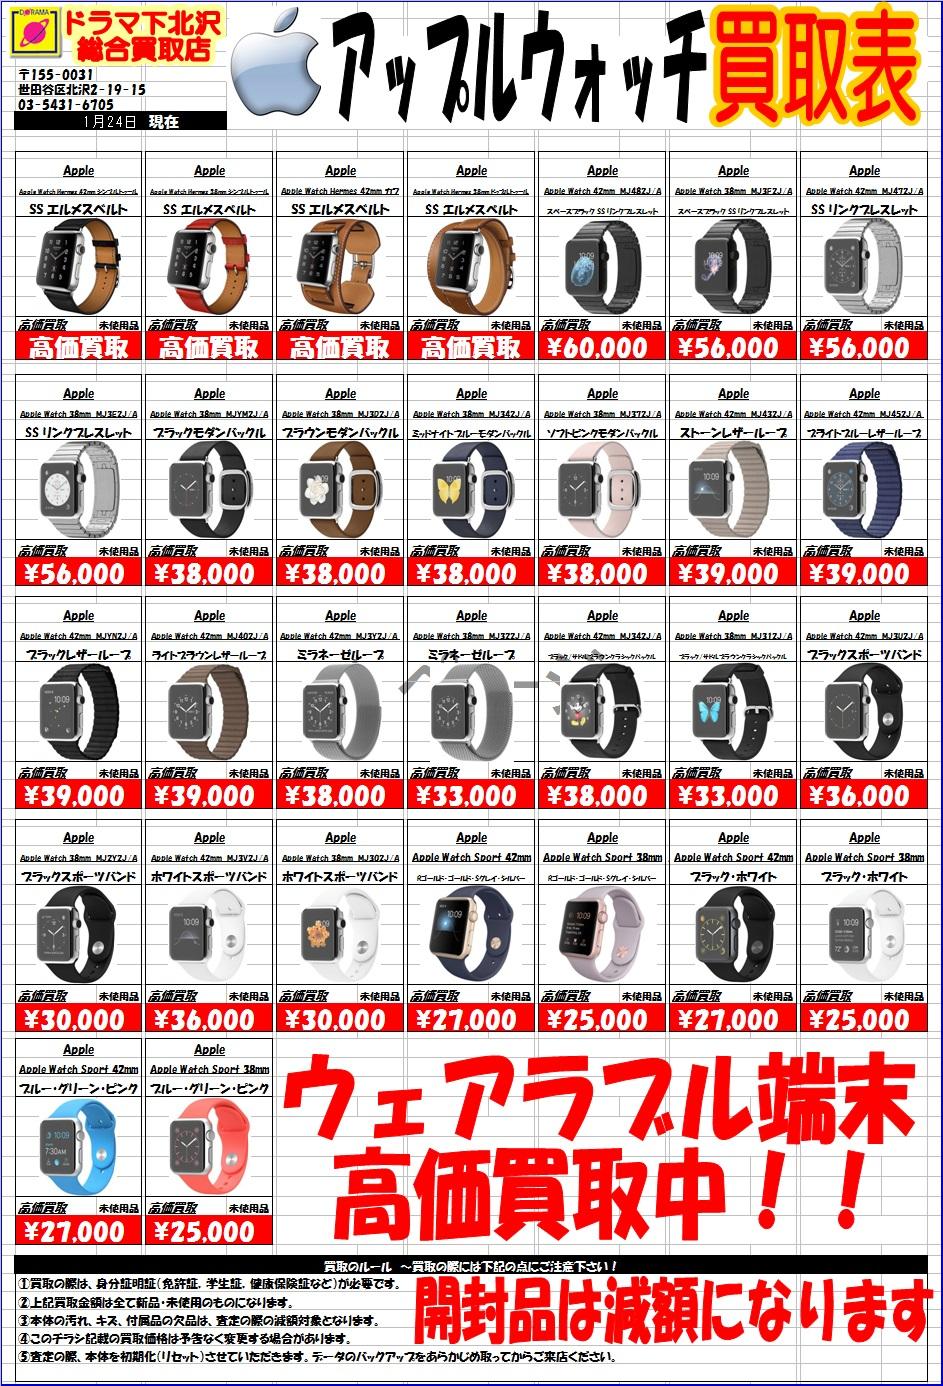 世田谷区 Apple Watch アップルウォッチ 高価買取中!!下北沢総合総合買取店